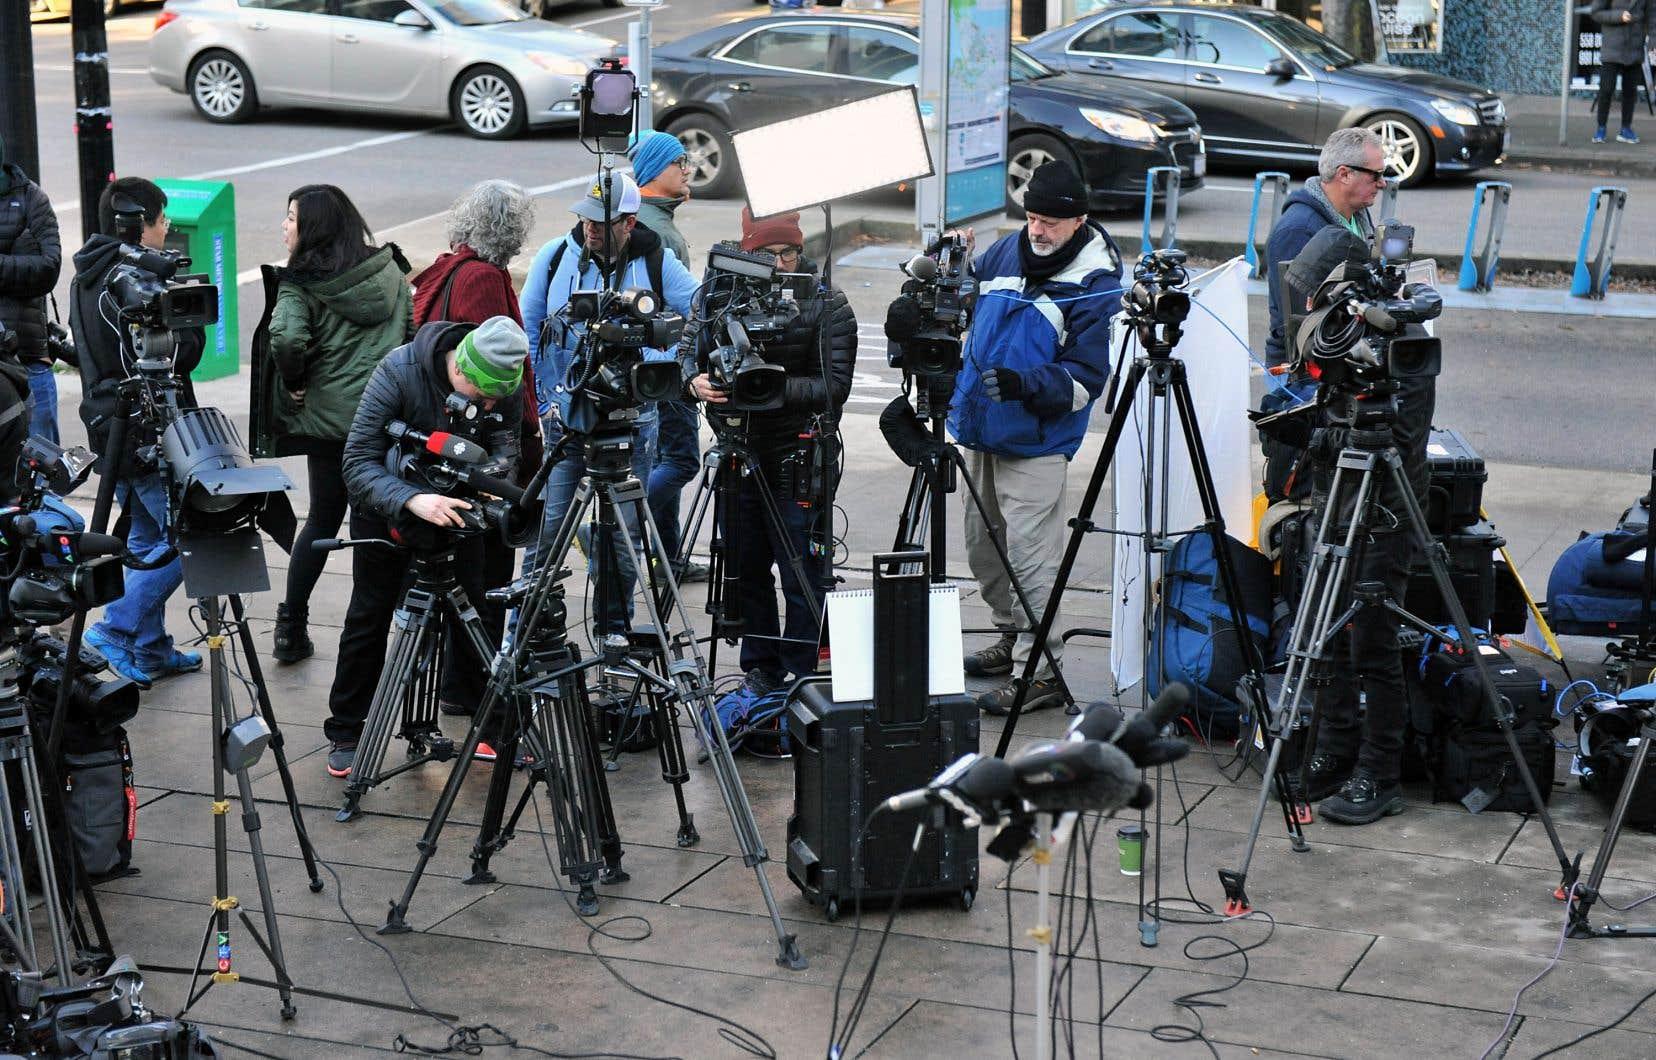 Des représentants de la presse couvrant, le 7 décembre, le procès de la directrice financière de Huawei à l'extérieur de la Cour suprême de la Colombie-Britannique. Cette affaire a mis en lumière le fossé entre les régimes canadien et chinois, selon Jonathan Manthorpe.